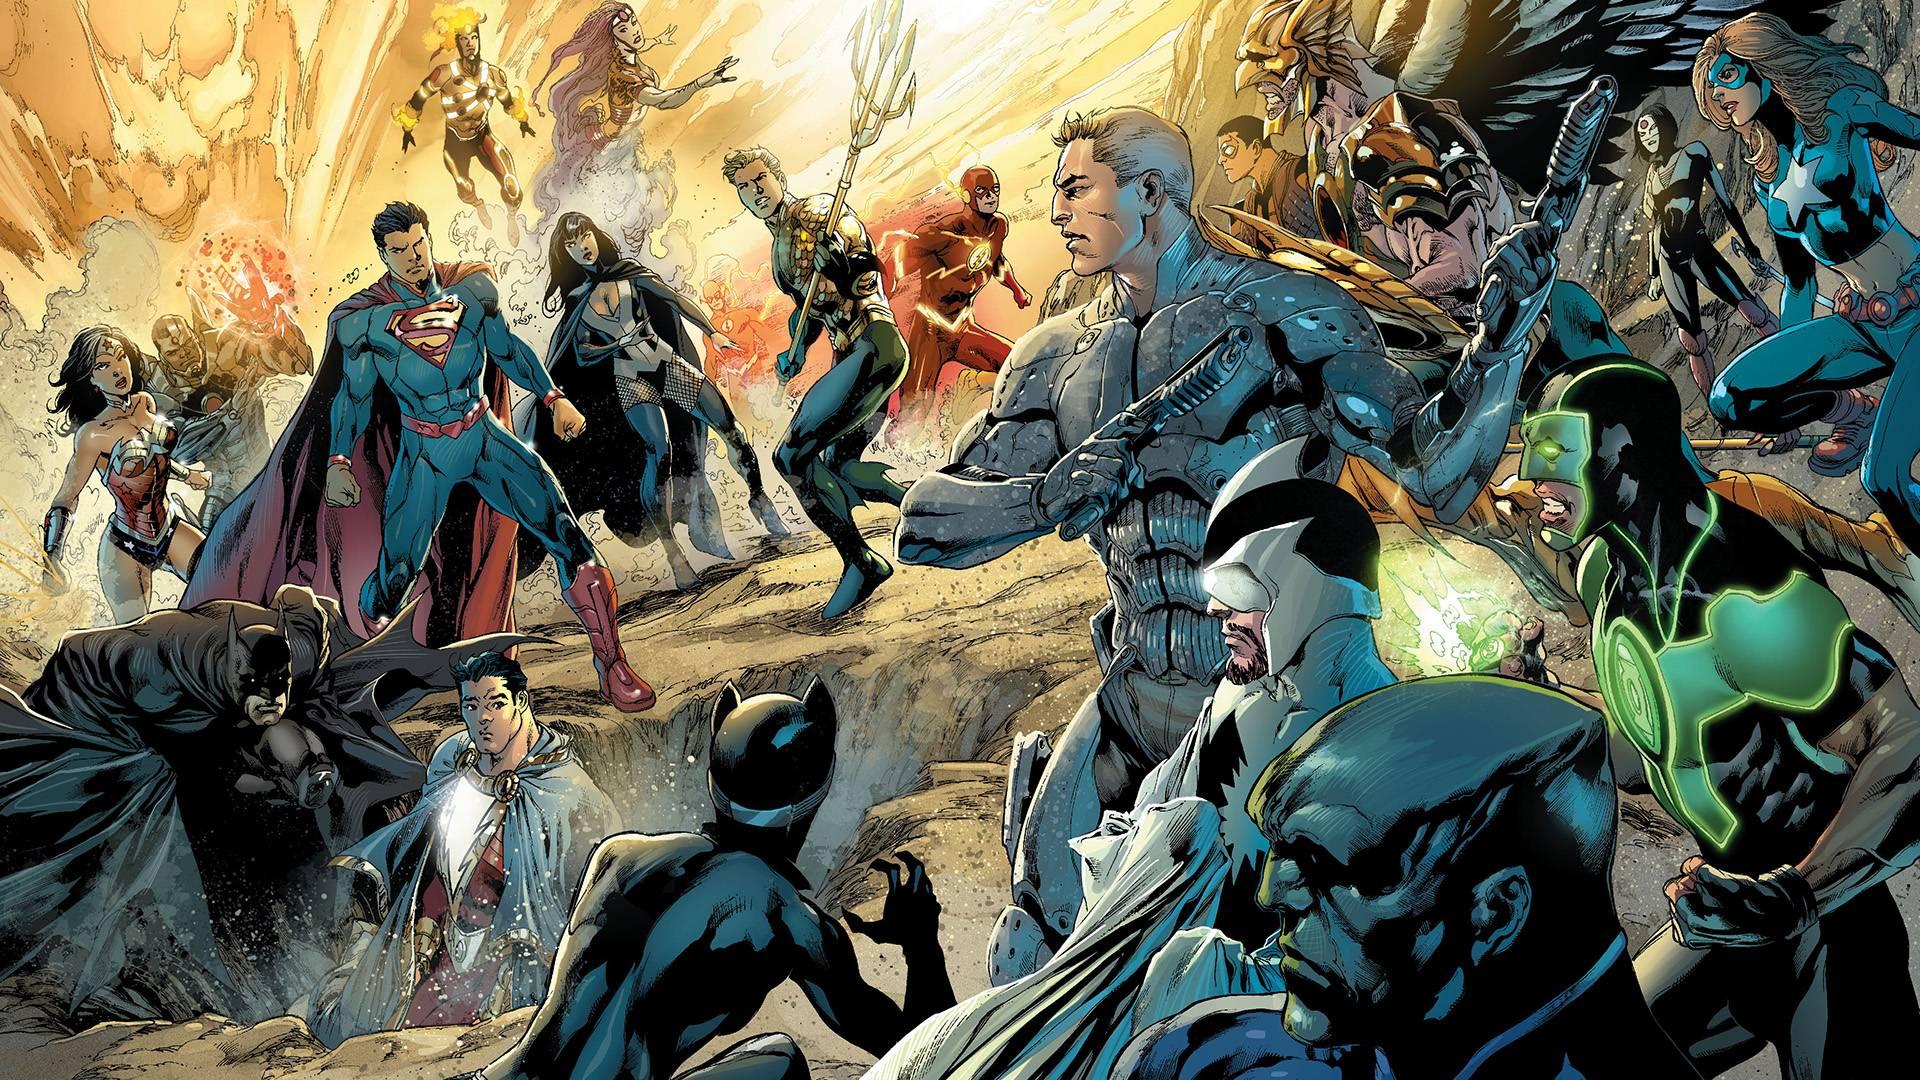 Justice League Fondo De Pantalla Hd Fondo De Escritorio